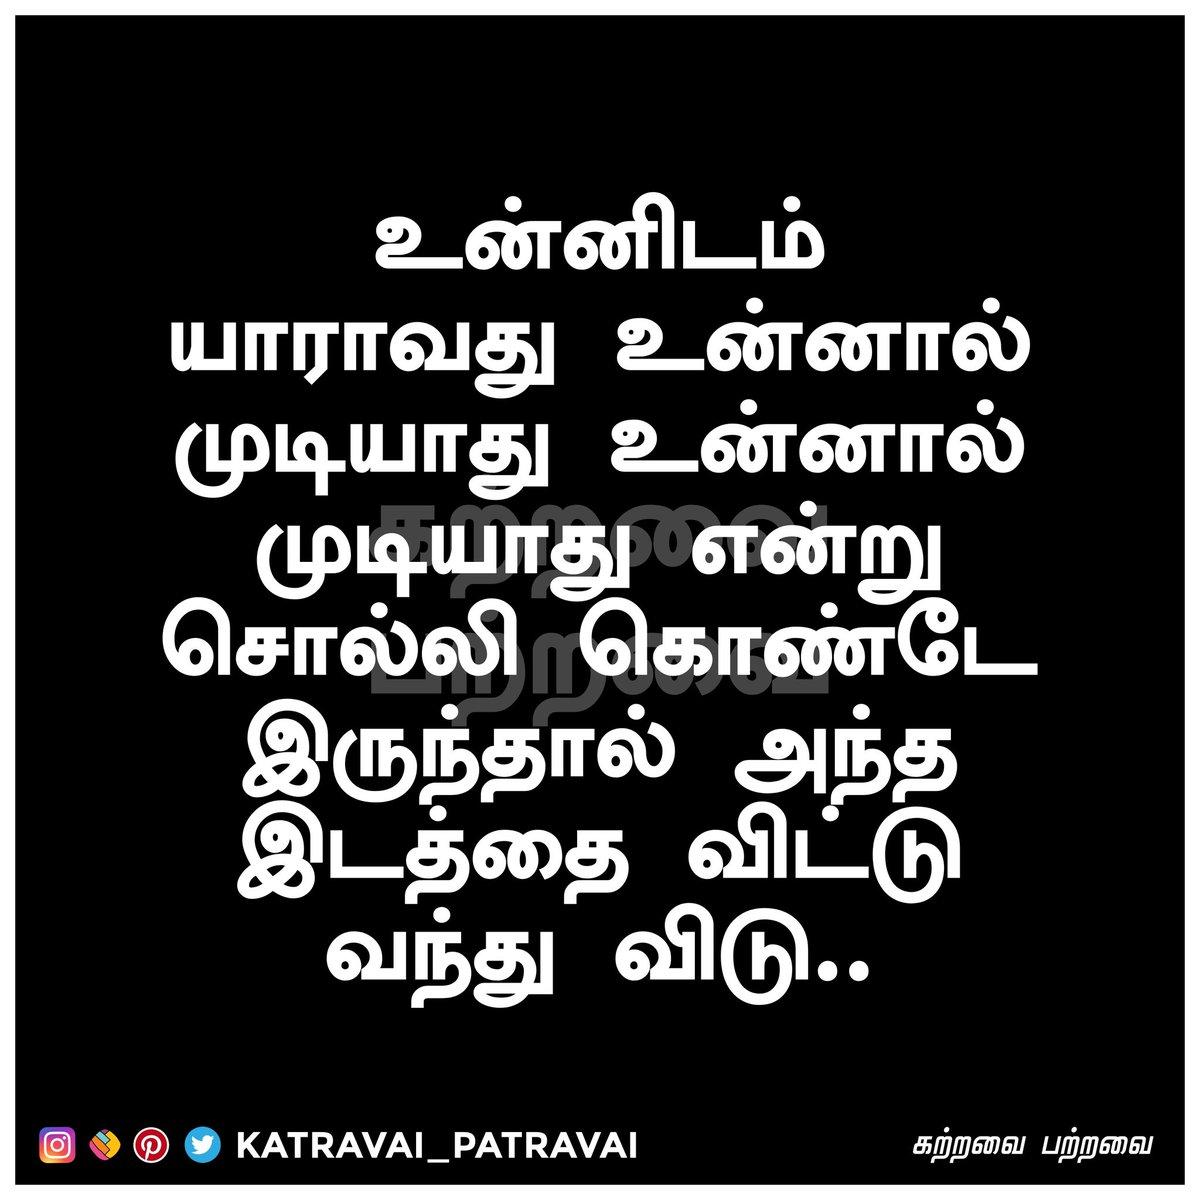 கற்றவை 📖 பற்றவை 🔥  #TamilNadu #Tamil #TamilQuotes #Katravai_Patravai #MotivationalQuotes #tamizh #motivation #motivational